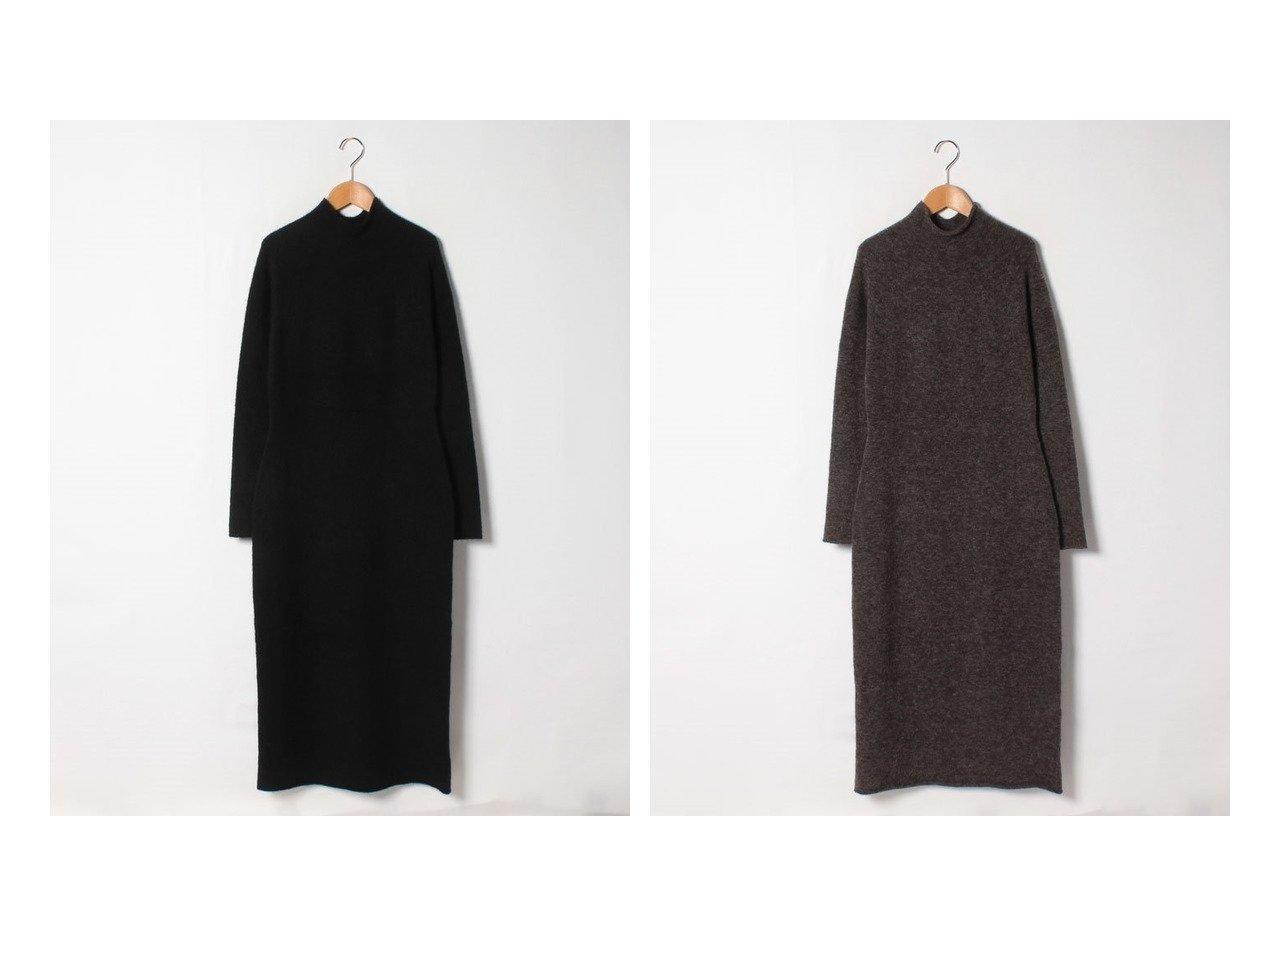 【theory/セオリー】のワンピース FINE AVALON 2 SEAMLESS LS ワンピース・ドレスのおすすめ!人気、レディースファッションの通販 おすすめで人気のファッション通販商品 インテリア・家具・キッズファッション・メンズファッション・レディースファッション・服の通販 founy(ファニー) https://founy.com/ ファッション Fashion レディース WOMEN ワンピース Dress ストレッチ ストレート ドレス ファブリック ホールガーメント ラグジュアリー |ID:crp329100000001827